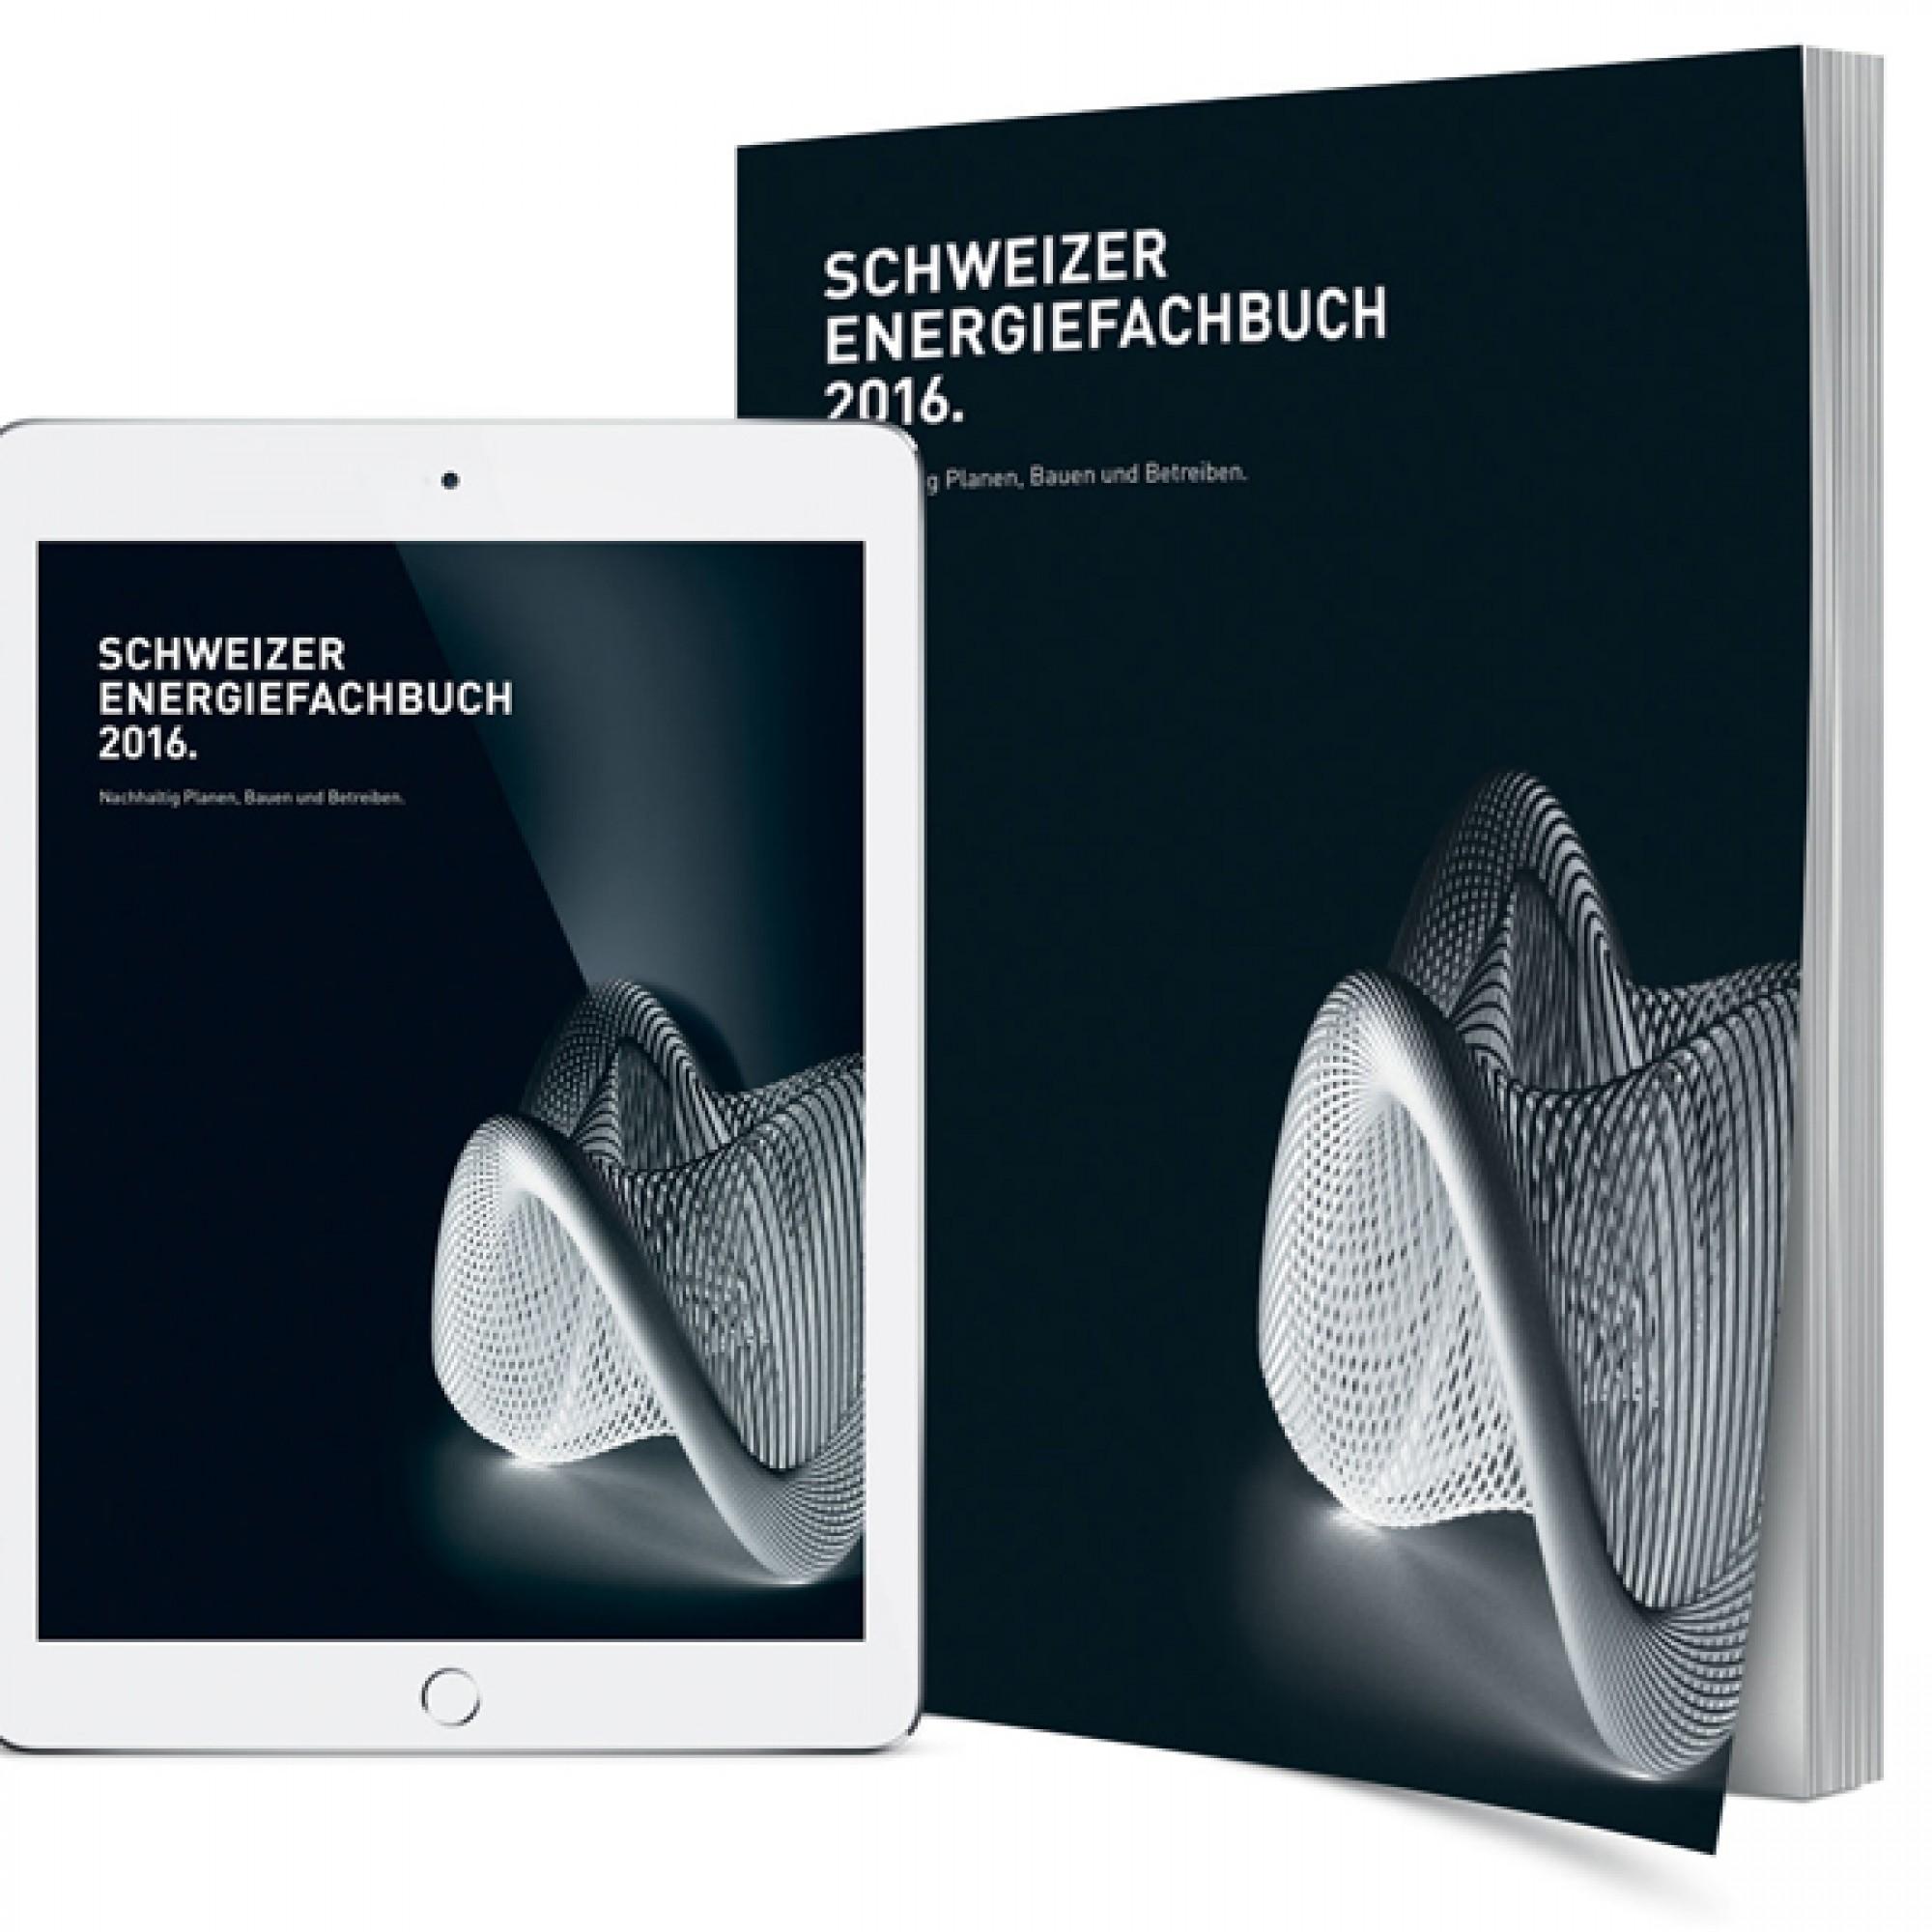 Cover Energiefachbuch 2016 (Bilder zvg)